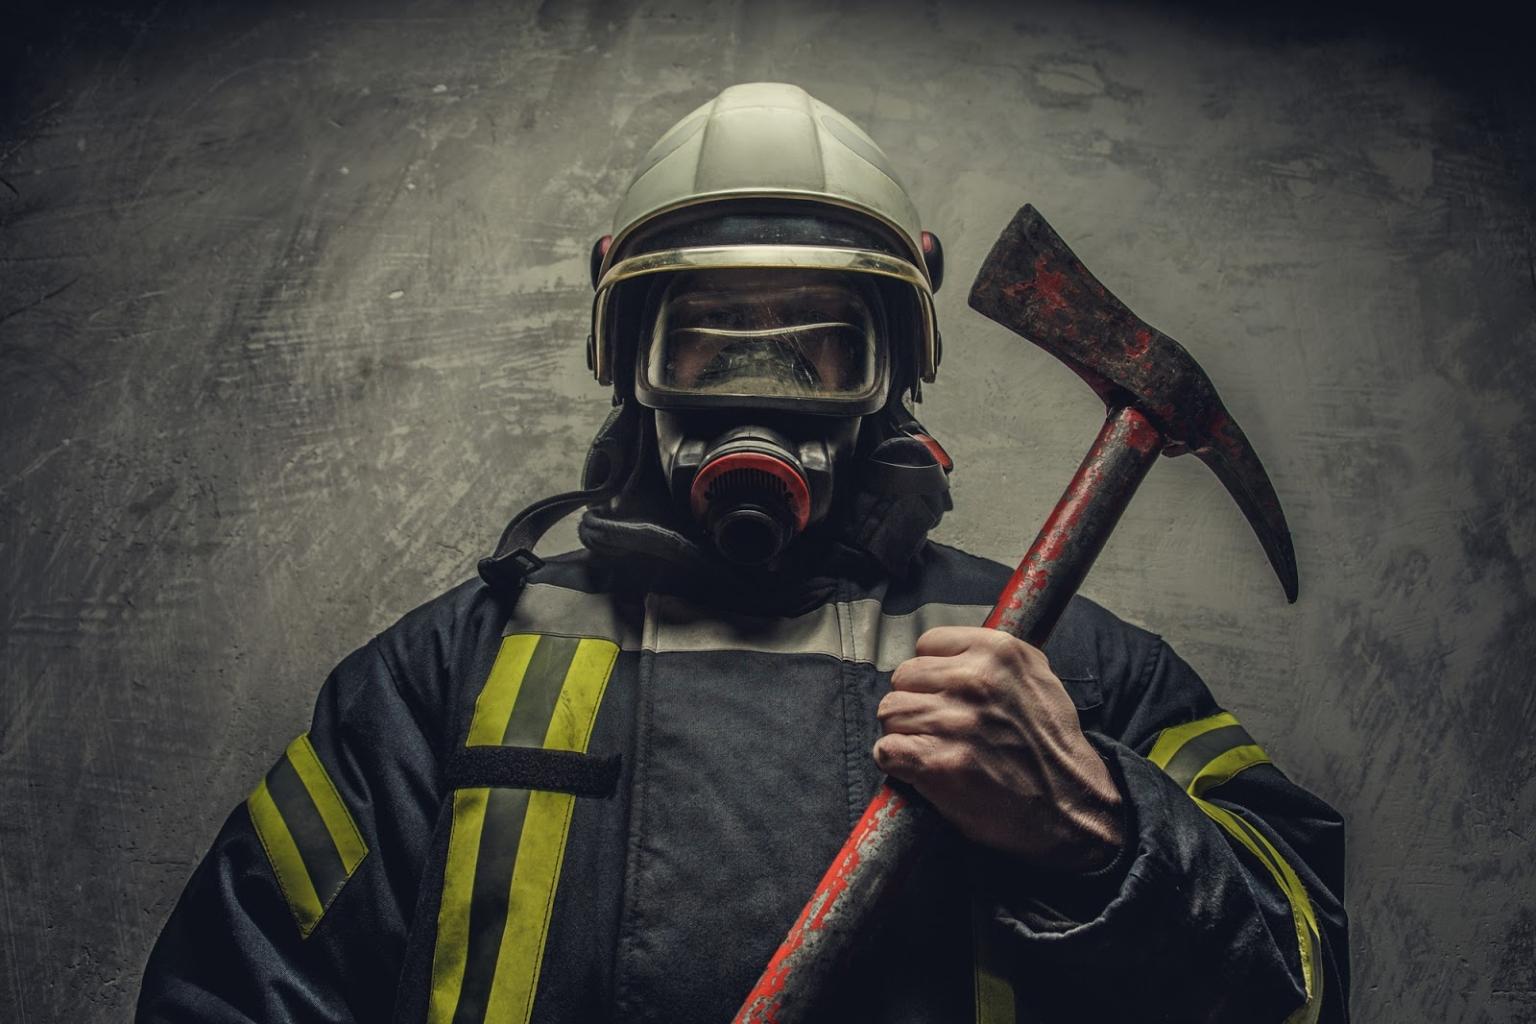 Löschen nicht nur Feuer, sondern feiern auch Halloween: Feuerwehrmänner und -frauen in Nürnberg